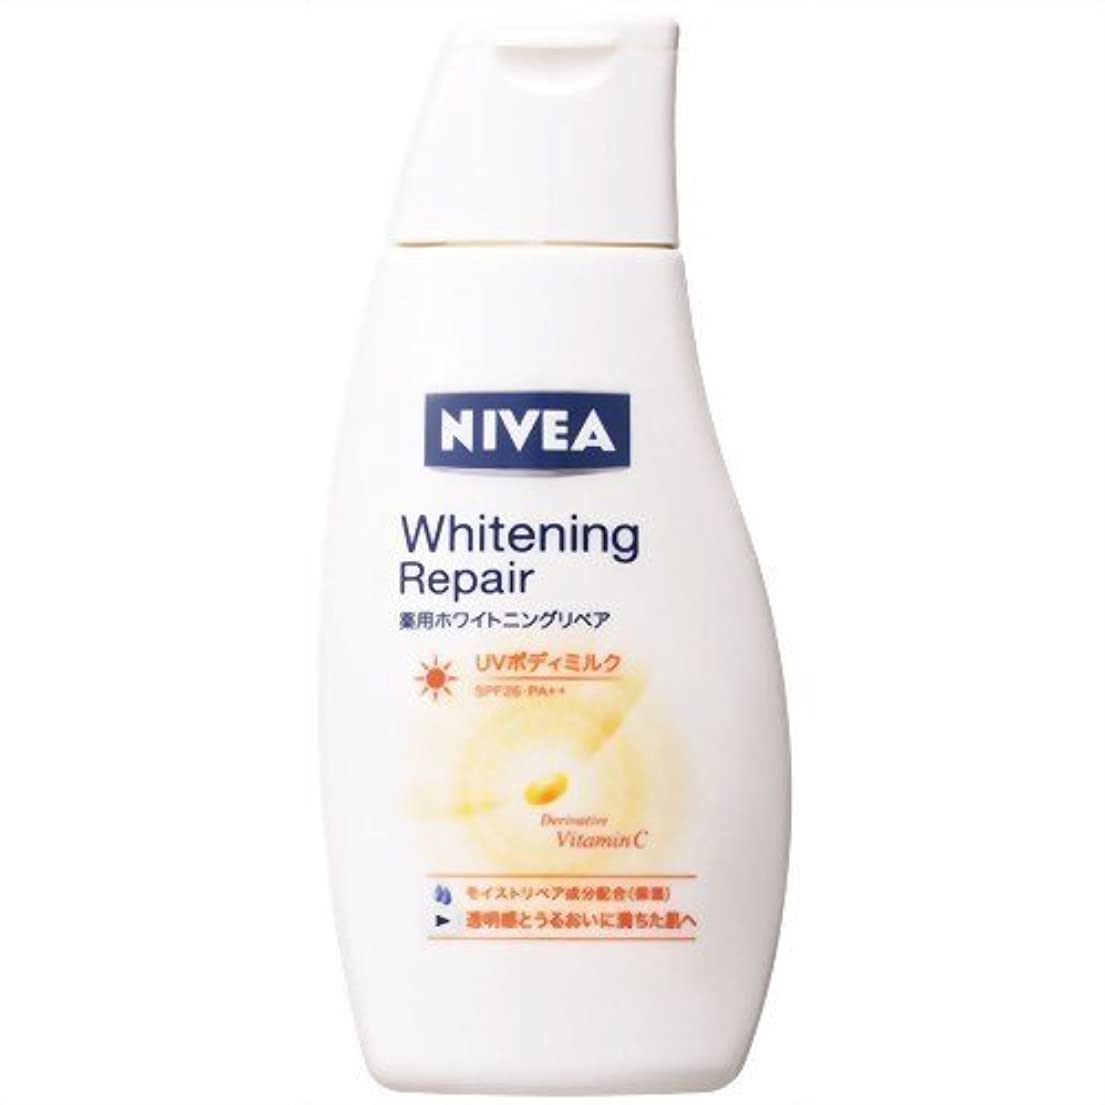 耳セクション延ばすニベア 薬用ホワイトニングリペア UVボディミルク(150mL)